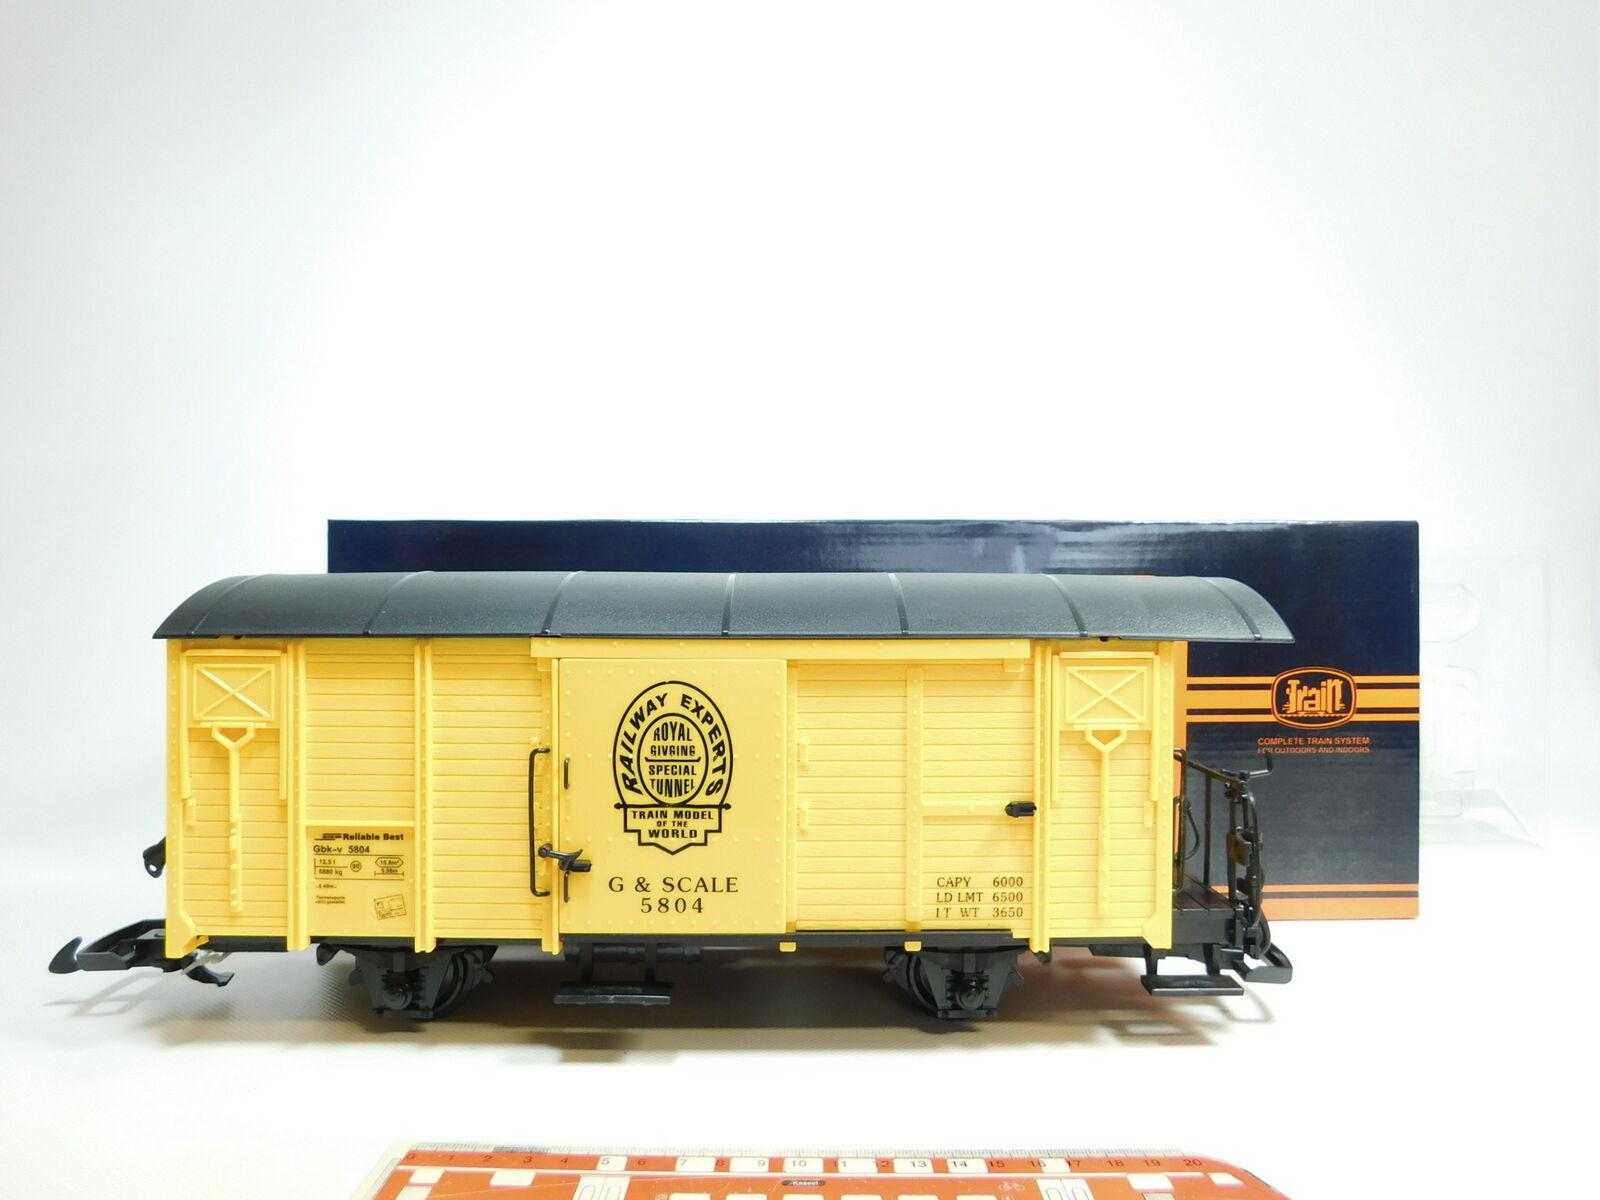 la mejor selección de BH11-2   Train Escala G G G   Iim 757-5804 Vagón de Cochega Cerrado & Escala,Nuevo +  Precio al por mayor y calidad confiable.